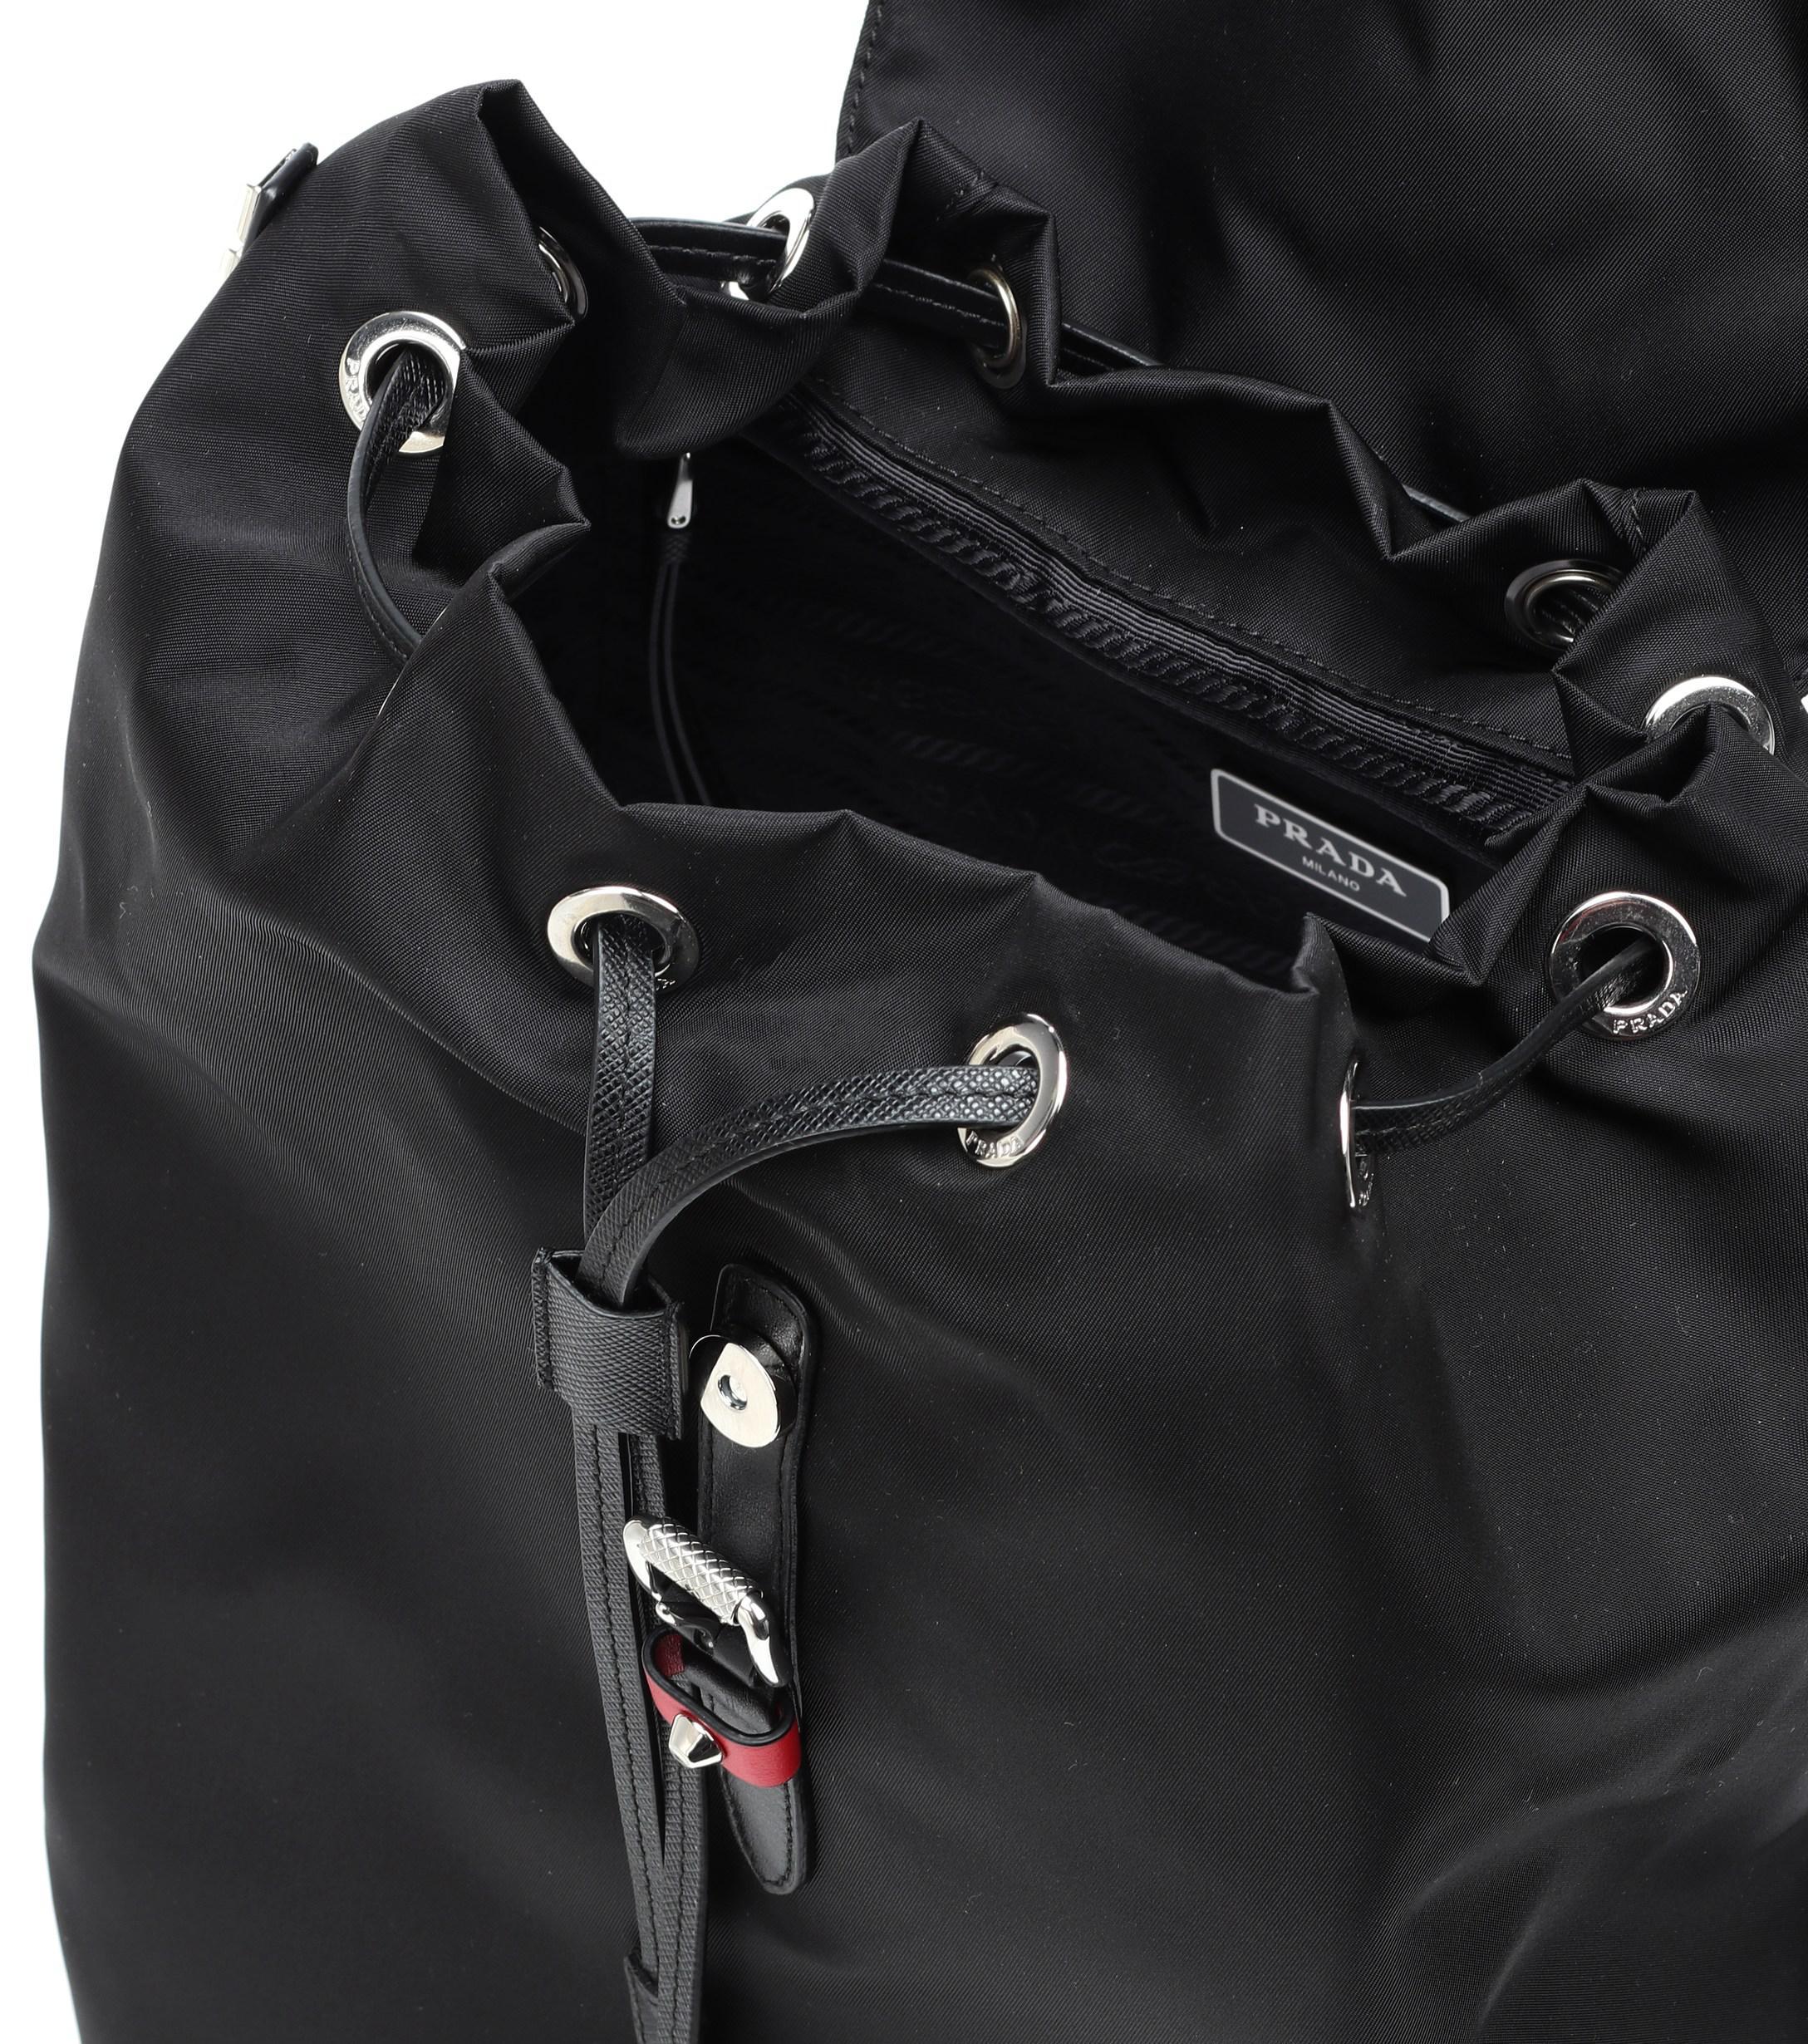 770a33555324 Prada - Black Embellished Nylon Backpack - Lyst. View fullscreen